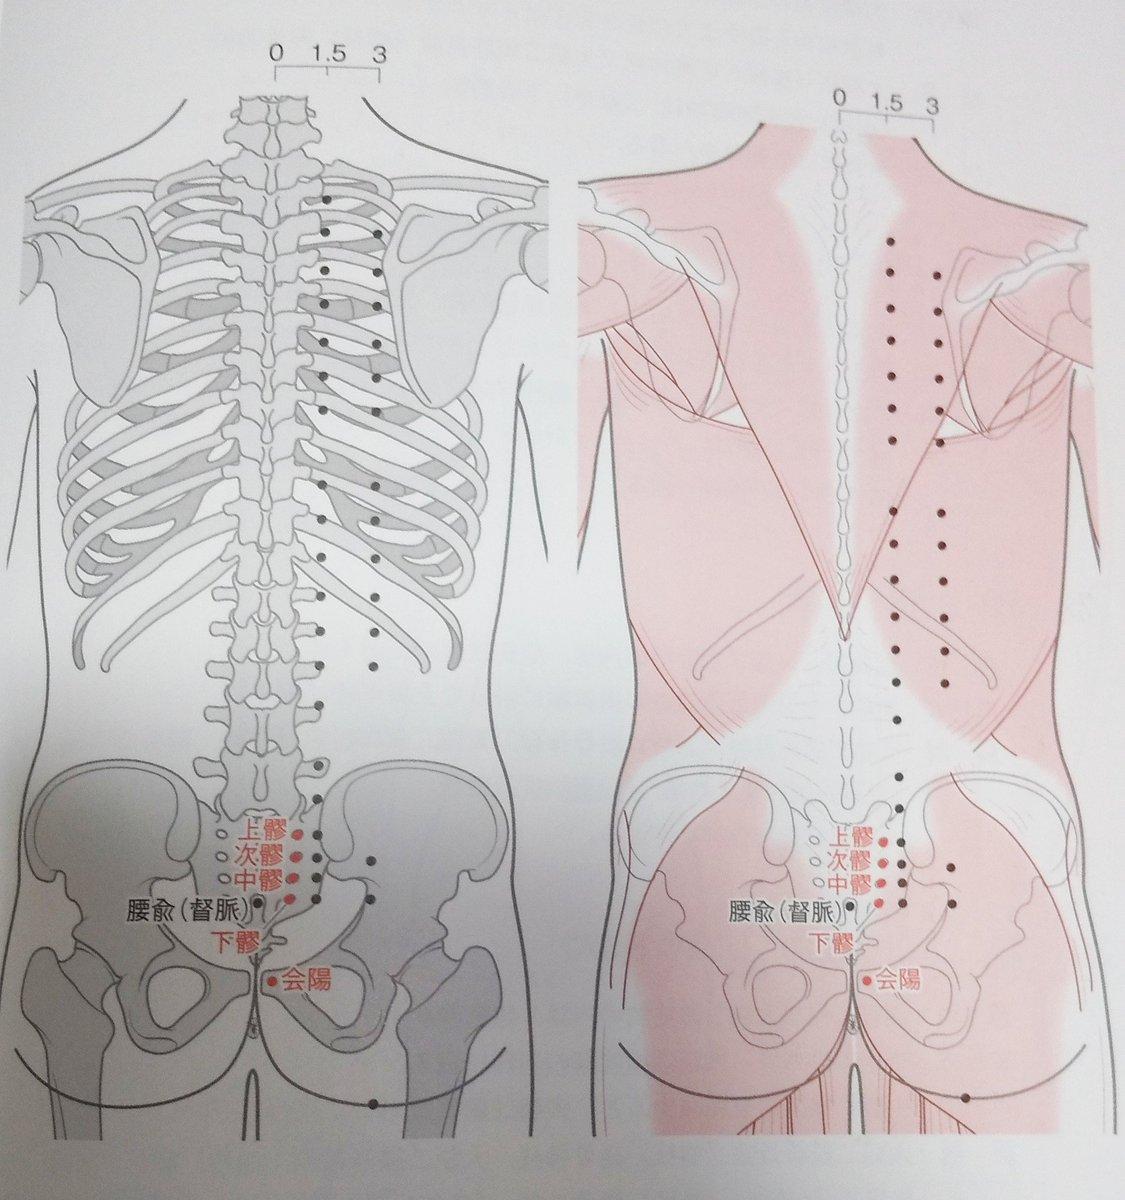 🔸次髎:膀胱経  ・仙骨部、第2後仙骨孔  ・腰背腱膜  ・仙棘筋>脊髄神経後枝  ・感覚神経>中殿皮神経  ・血管>外側仙骨動脈  ・主治>腹鳴、下痢、陽萎、小便赤渋、淋濁、月経不順、赤白帯下、痛経、陰部の痛み、腰脊部の痛み、転側不能、腰以下の知覚鈍麻